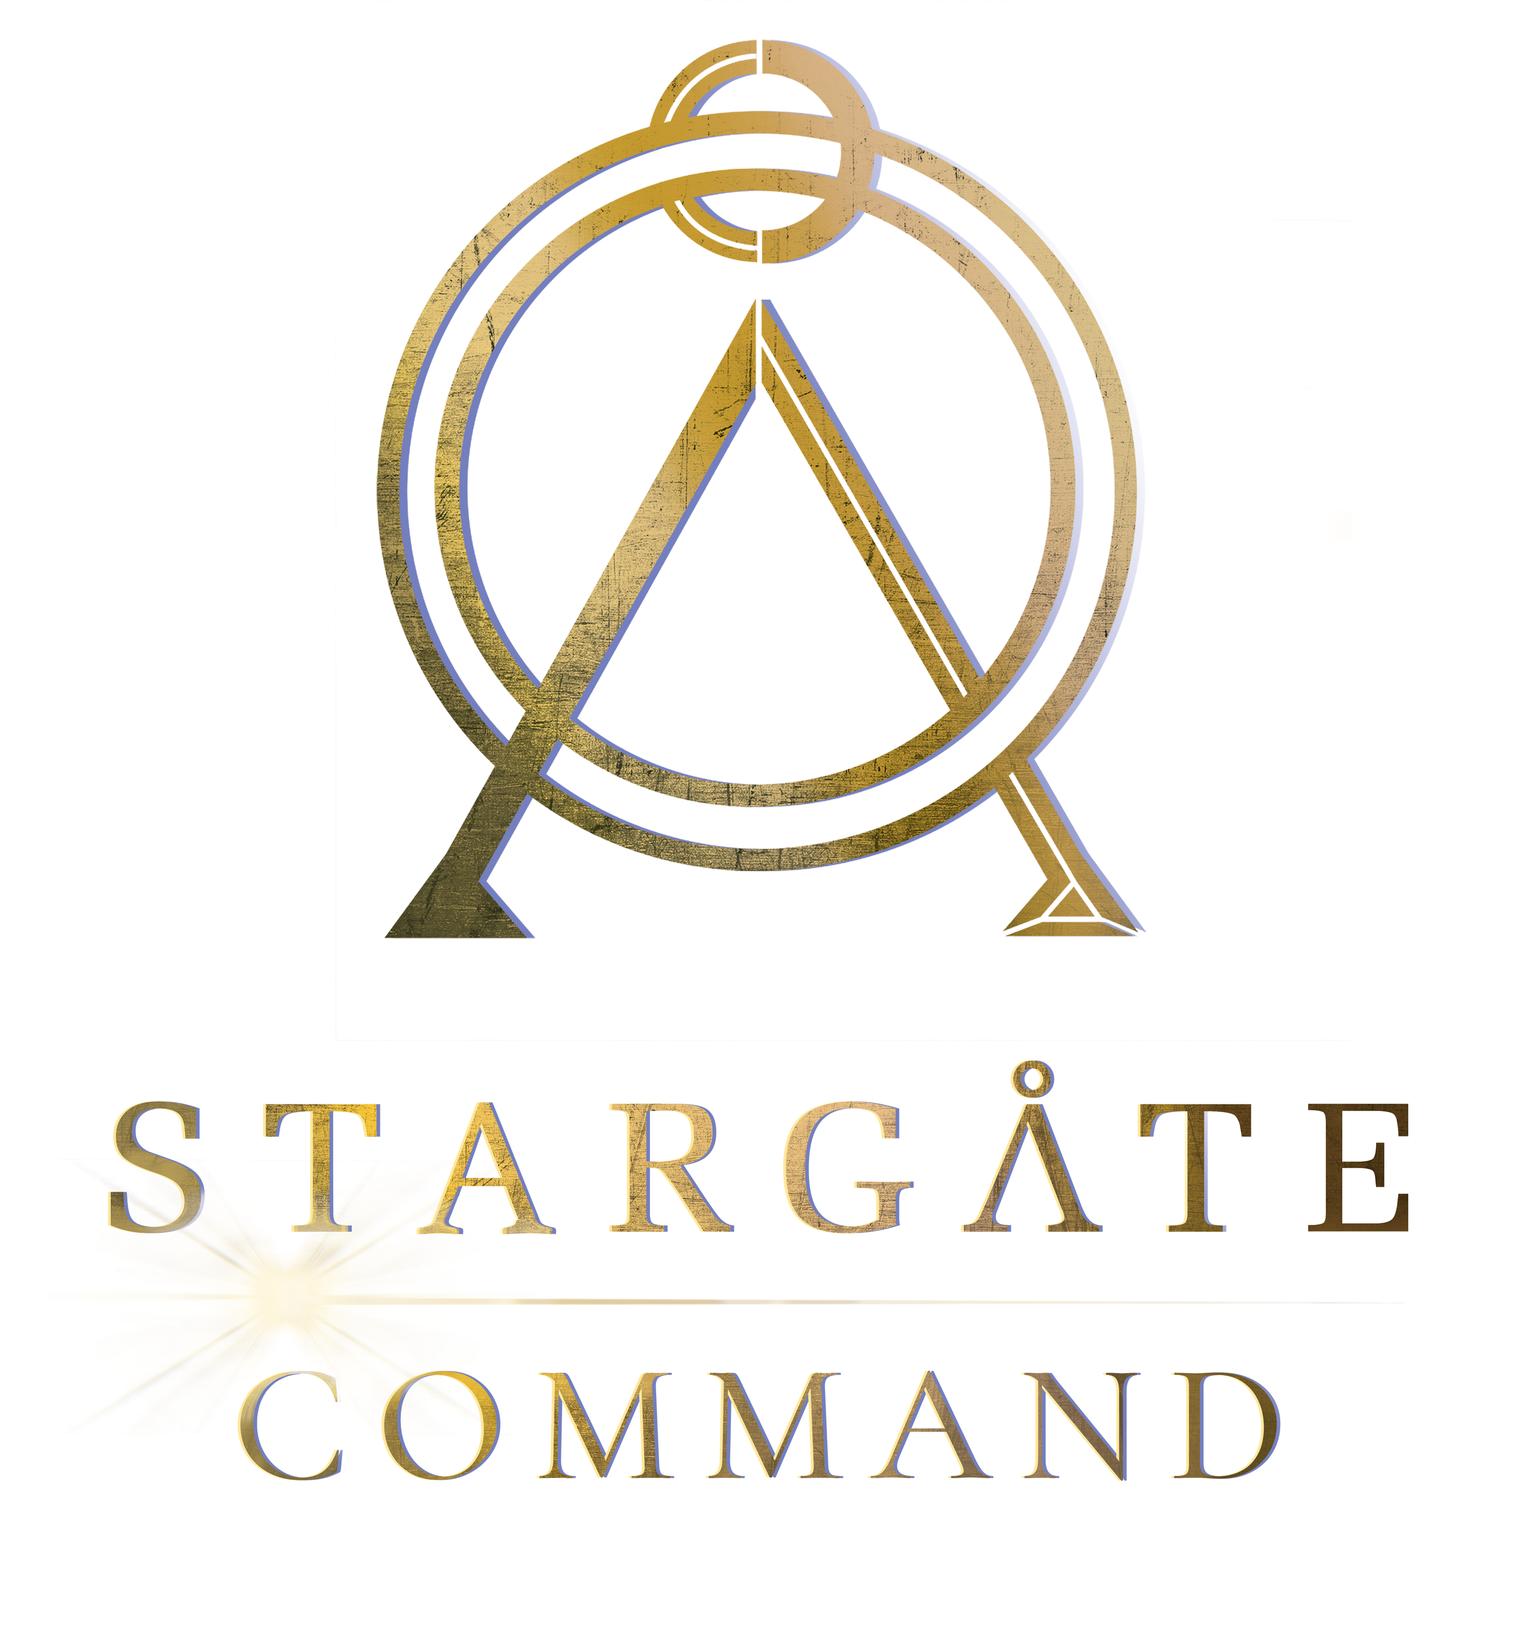 Stargate Command - Stargate Origins